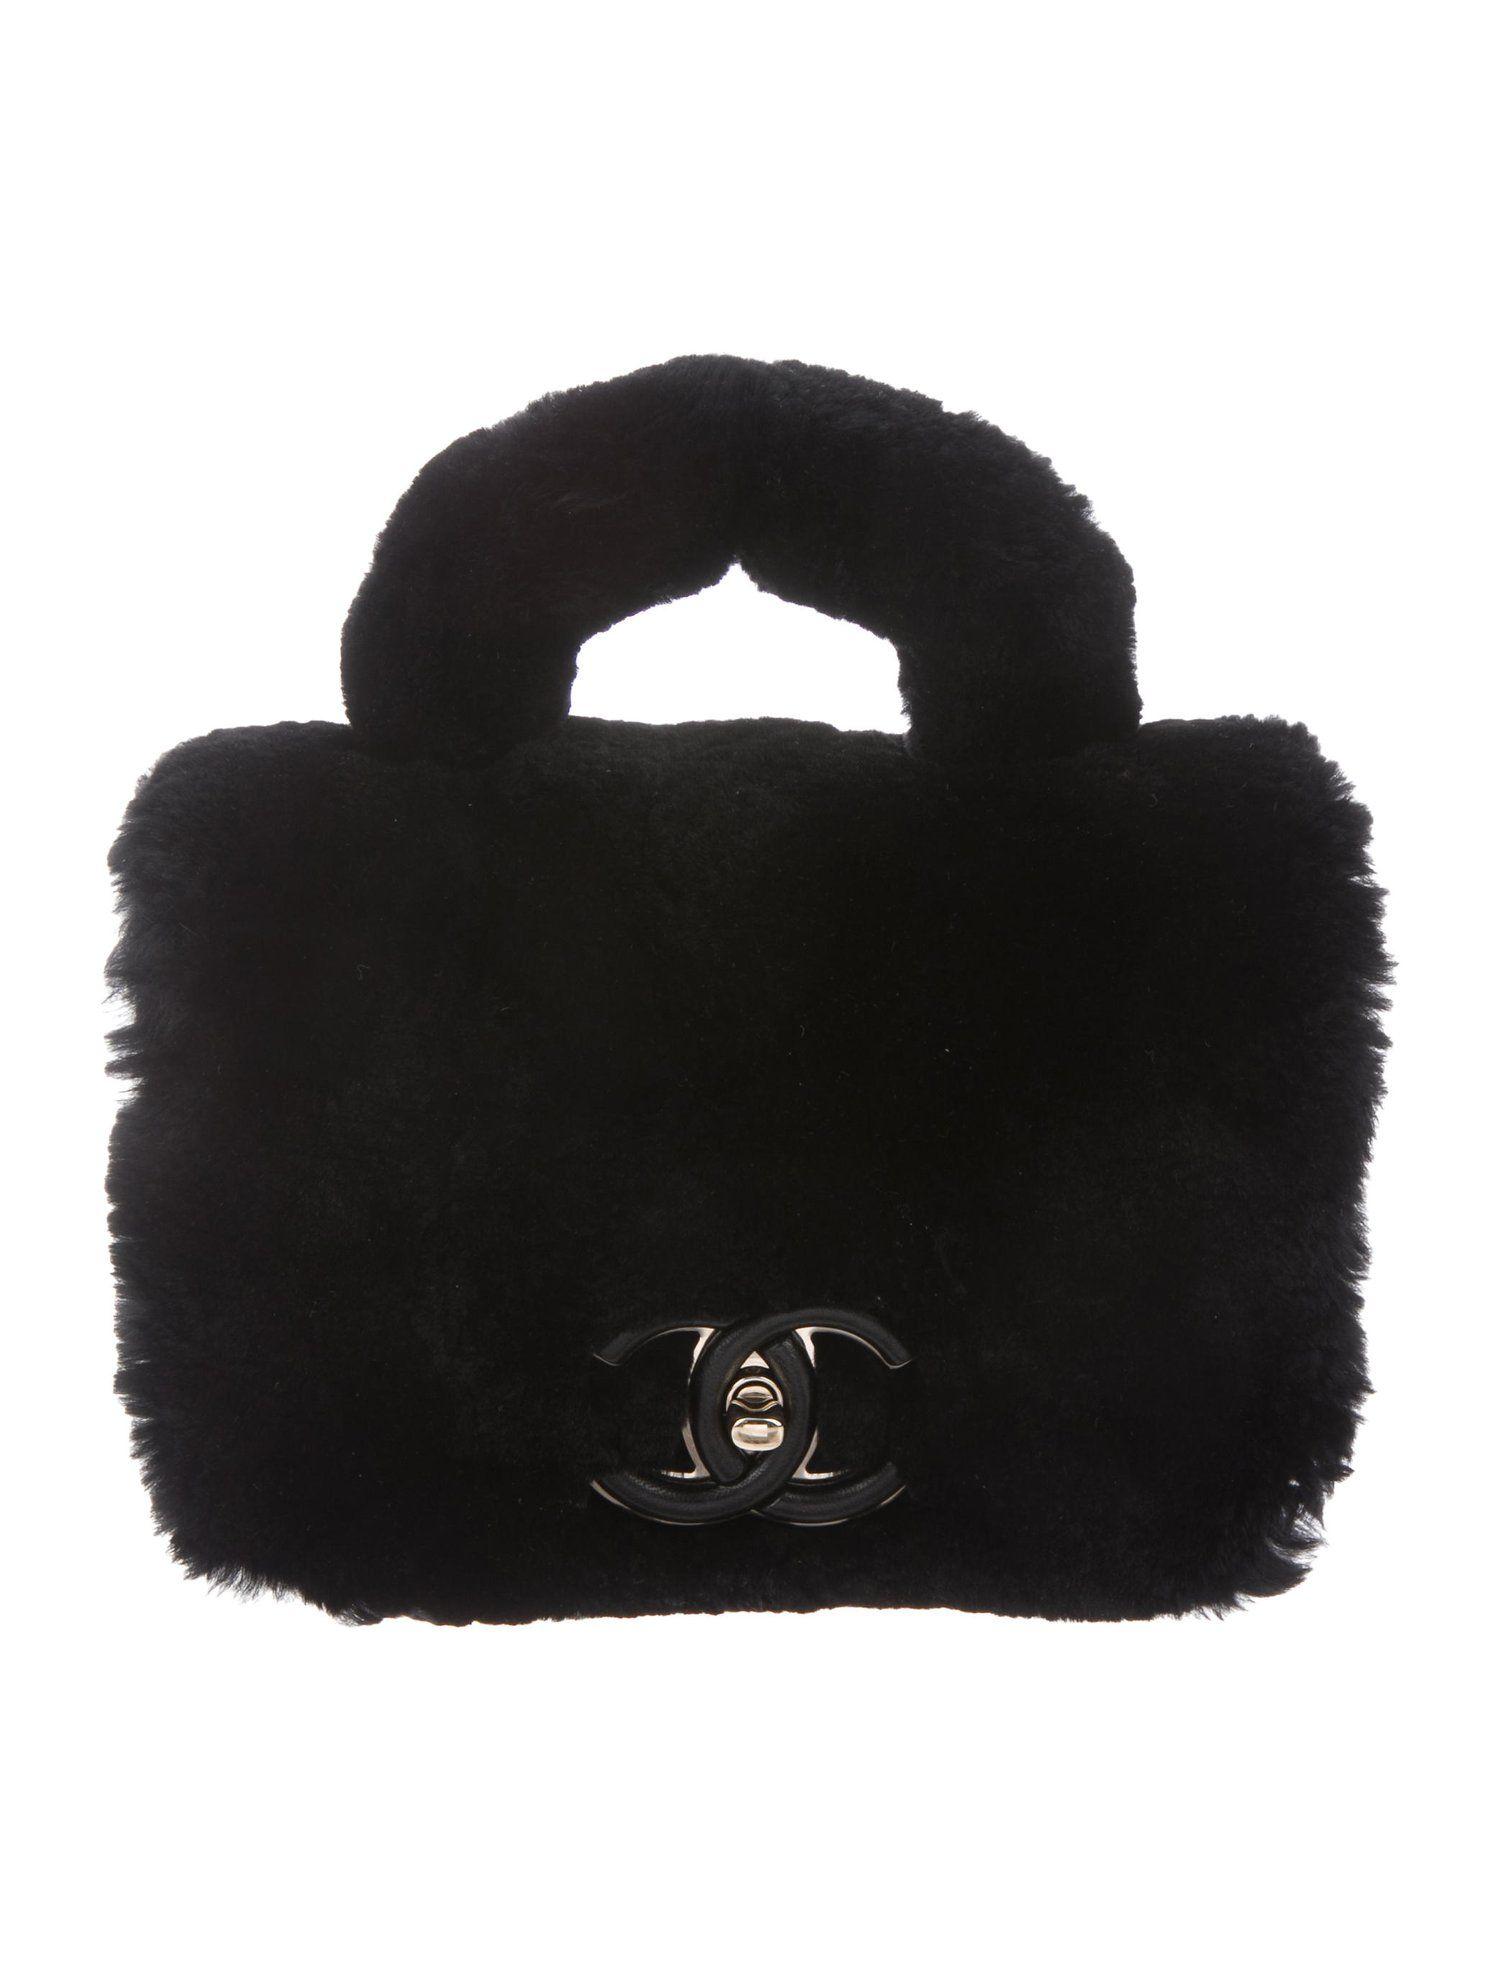 a0cf6106a162 Chanel 2017 Small Fur Flap Bag - Handbags - CHA277081